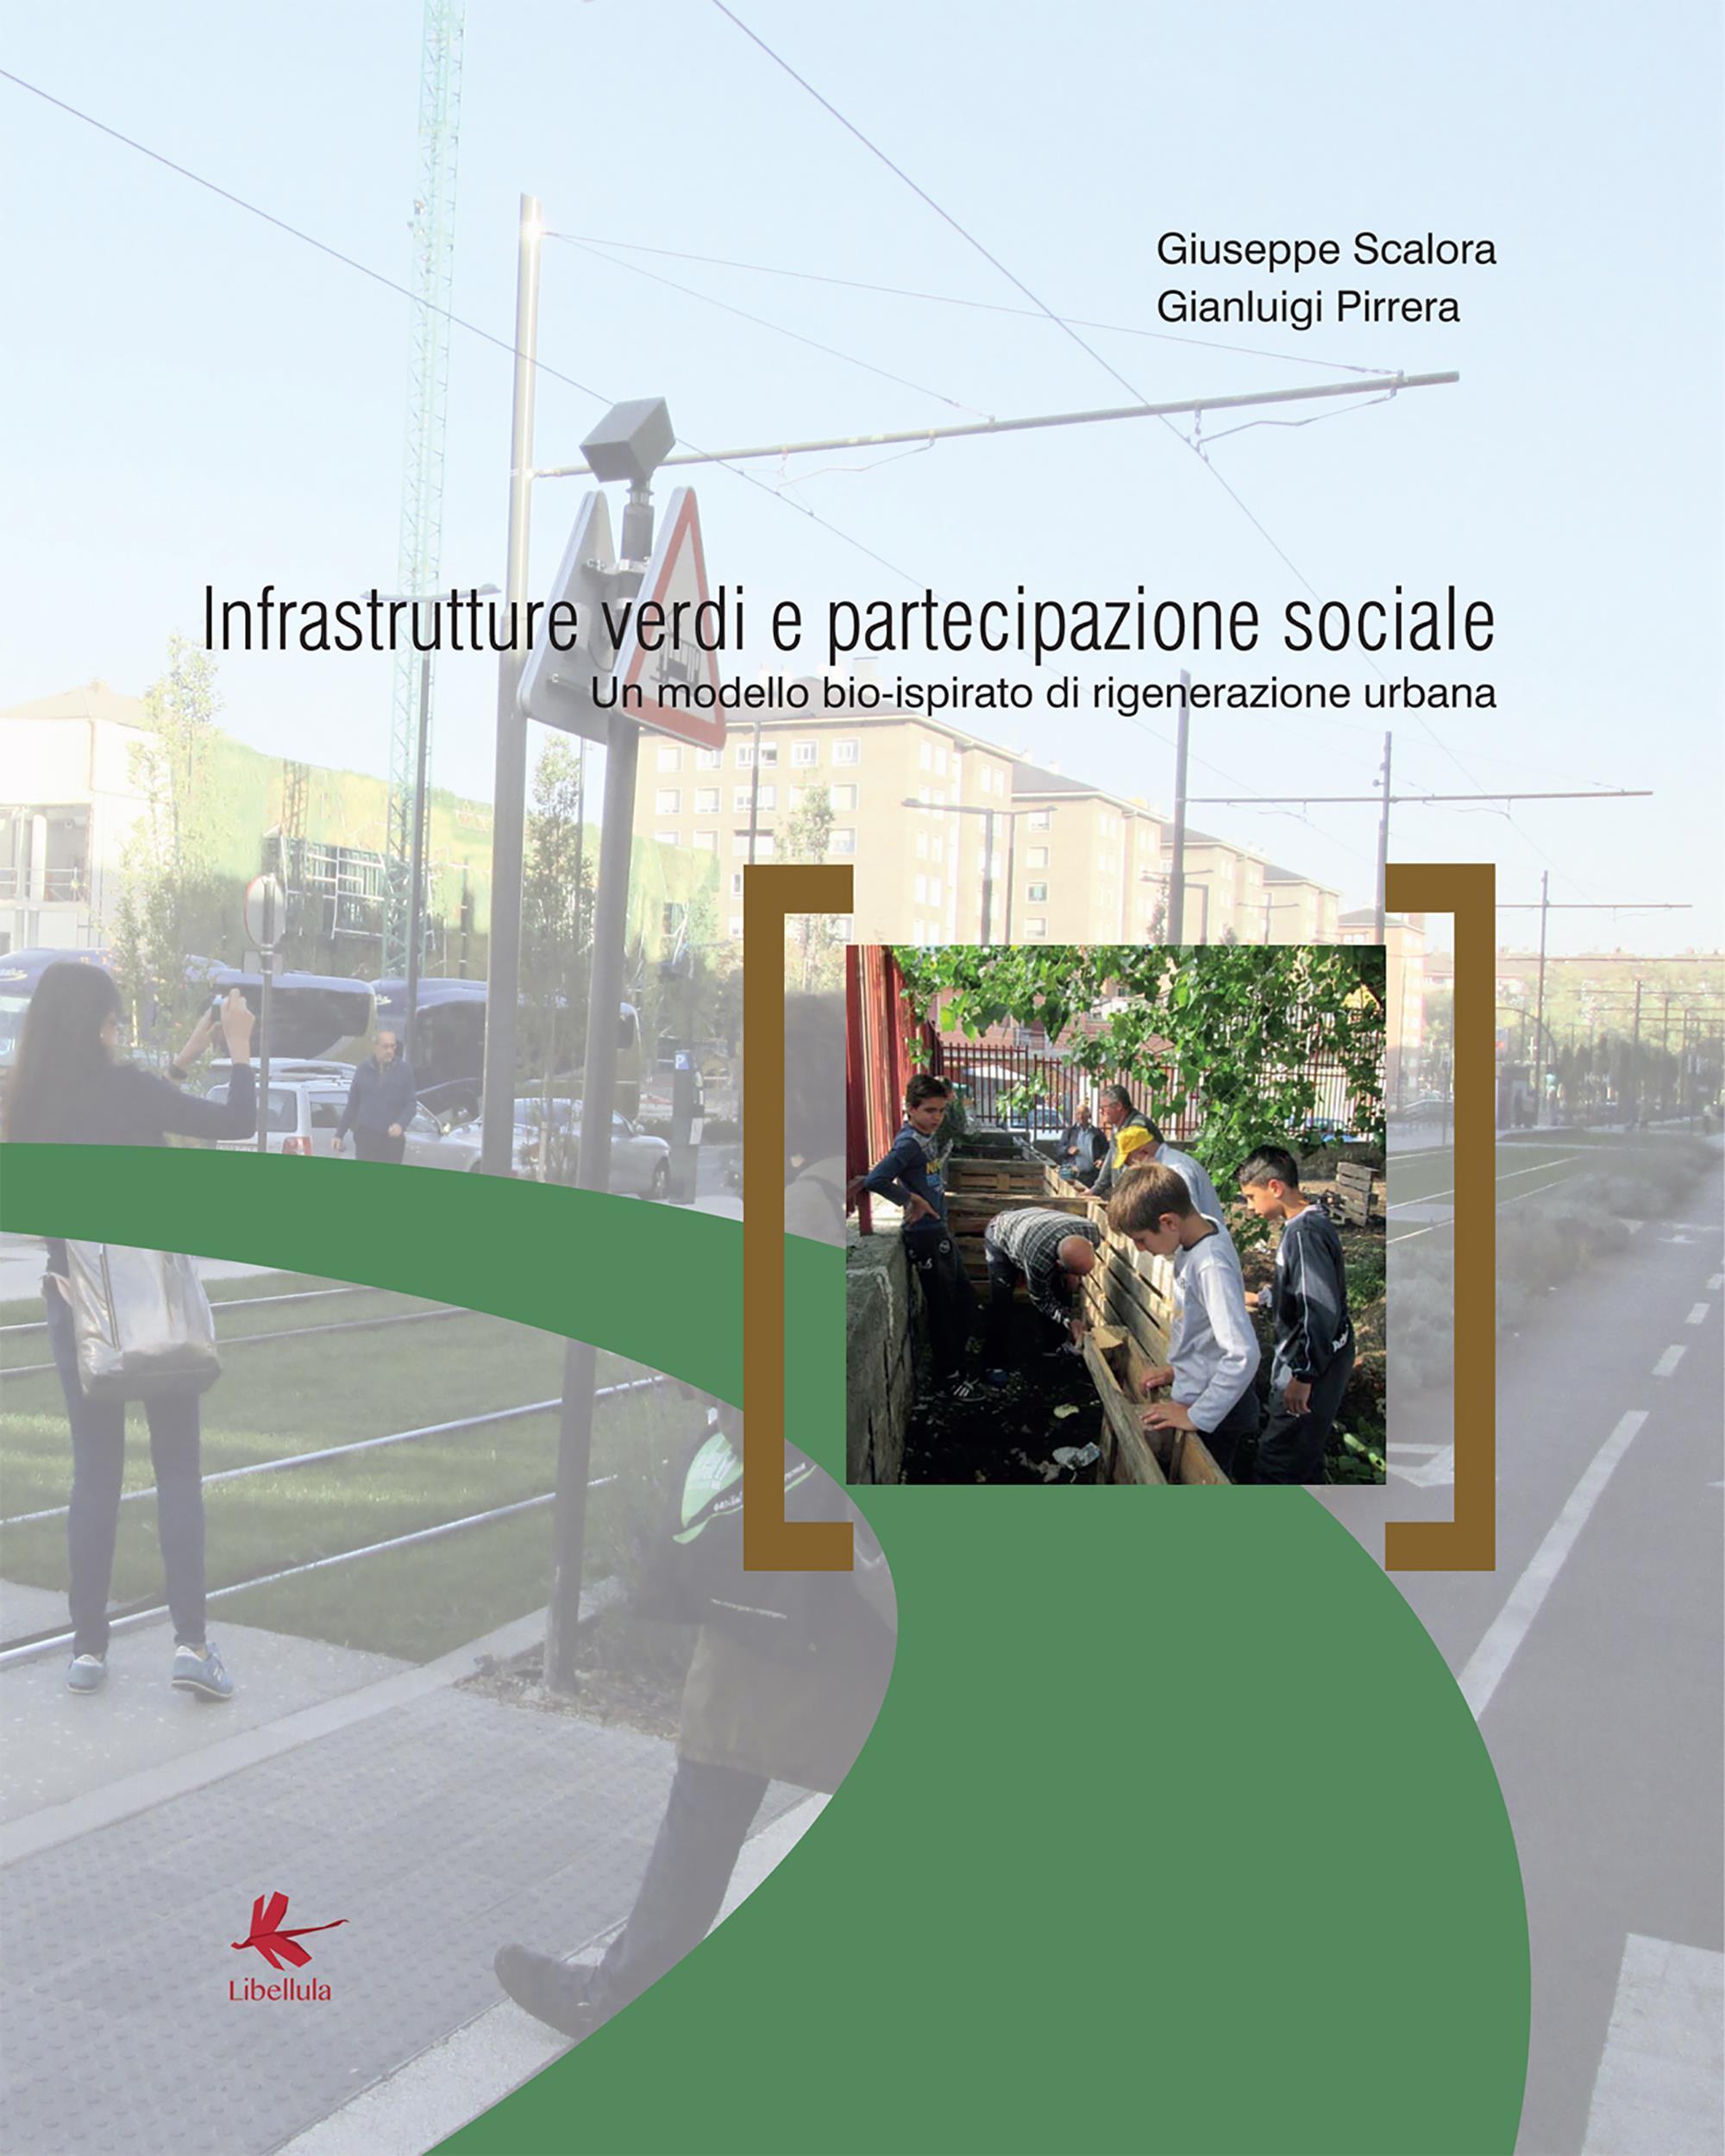 Infrastrutture verdi e partecipazione sociale - Pianificazione della città e ingegneria naturalistica